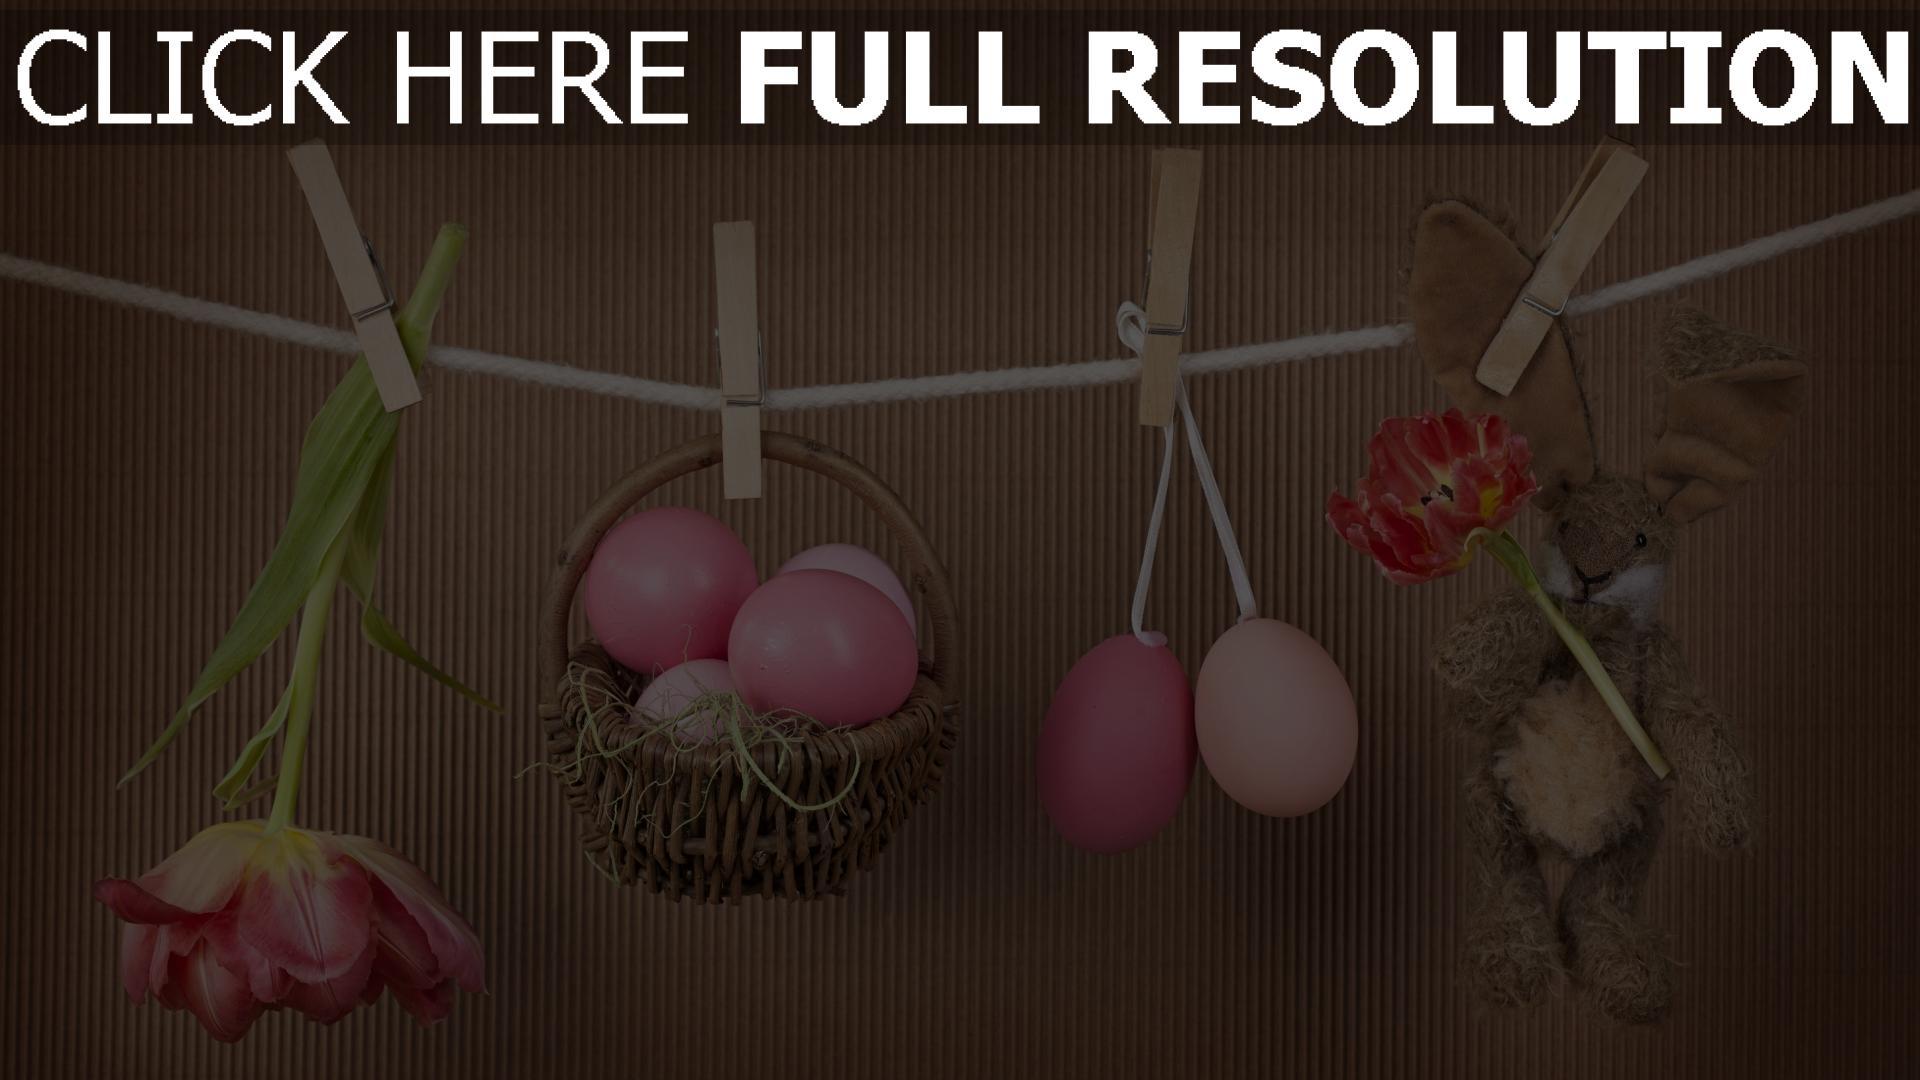 Hintergrundbilder Kostenlos Ostern hd hintergrundbilder korb eier häschen tulpen ostern frühling